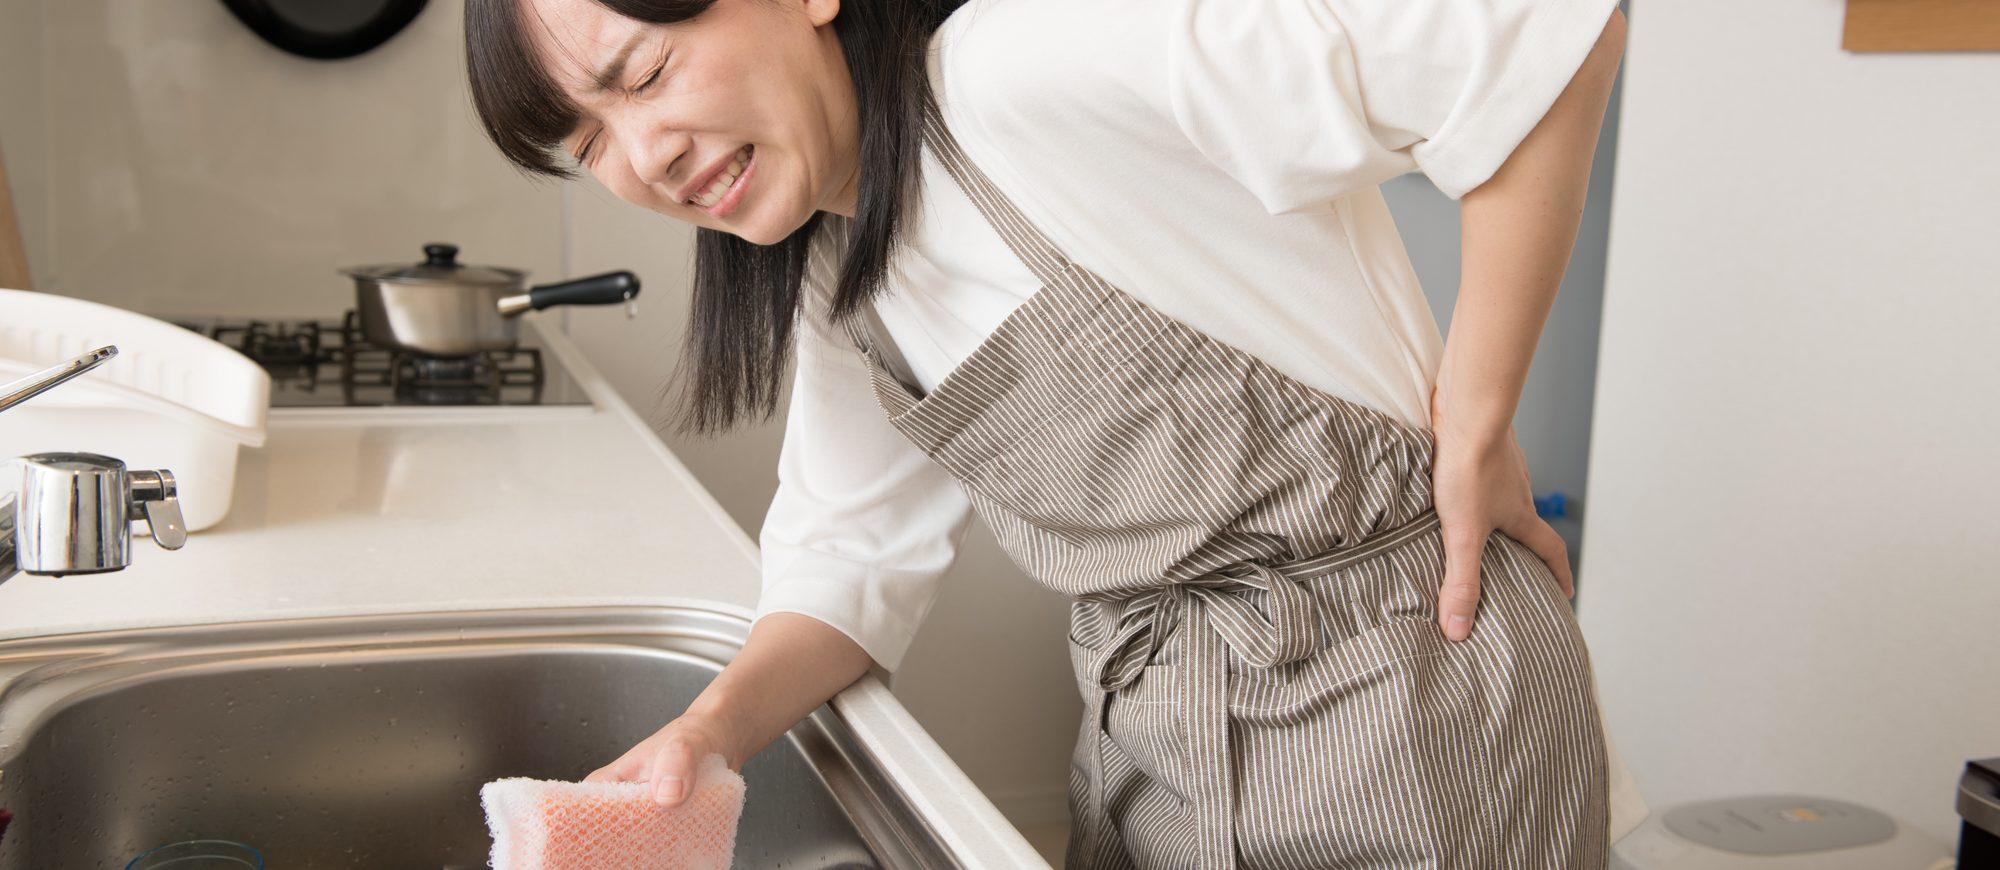 福島市で腰痛治療なら桂はり・きゅう整骨院